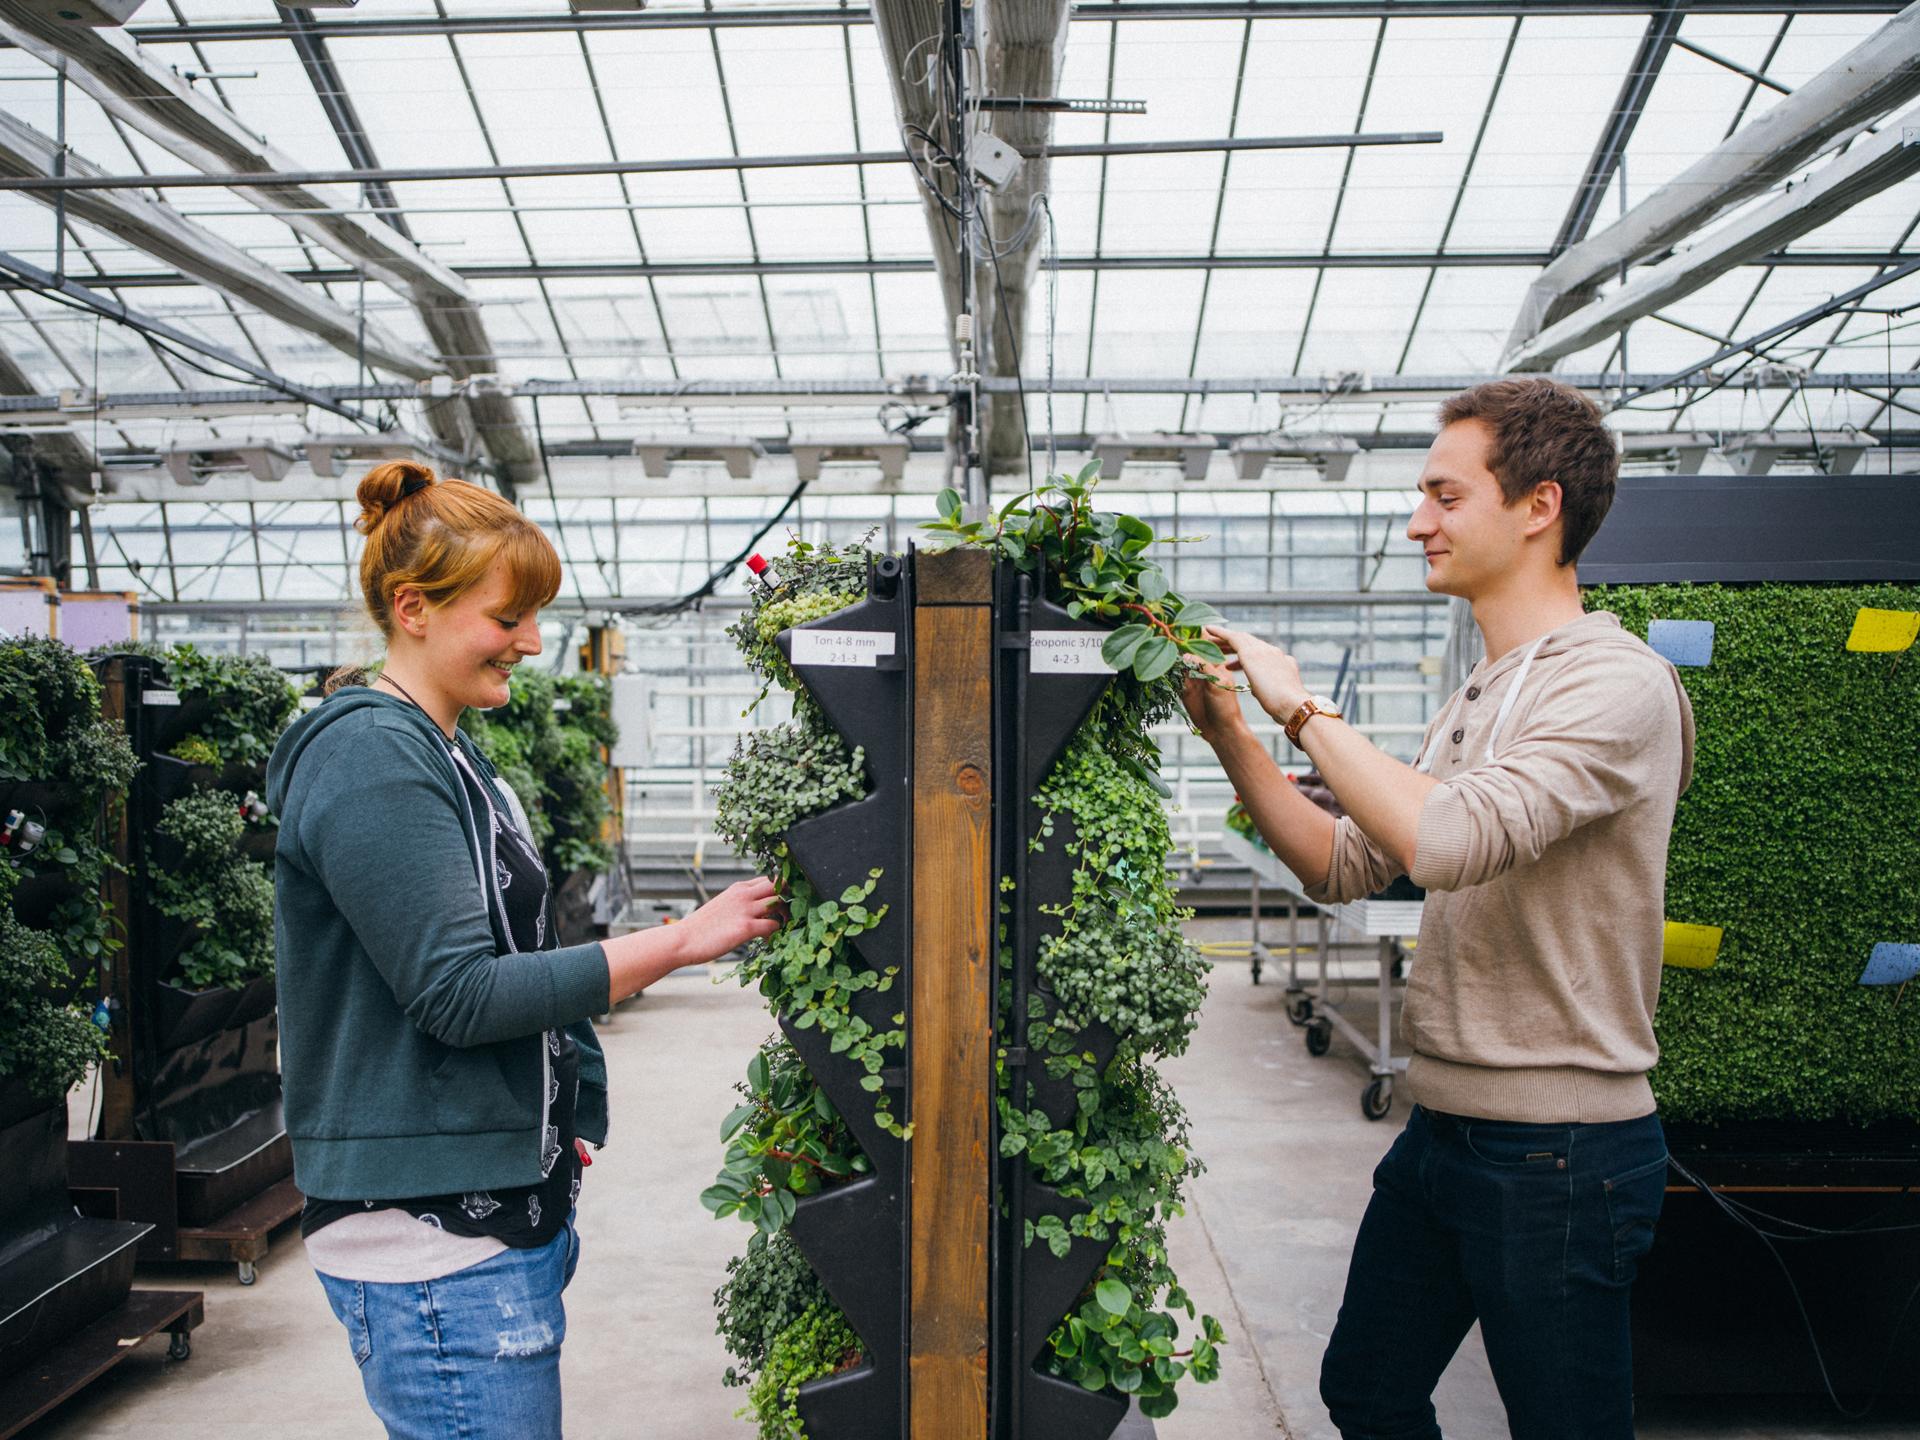 Gartenbauwissenschaften Studium